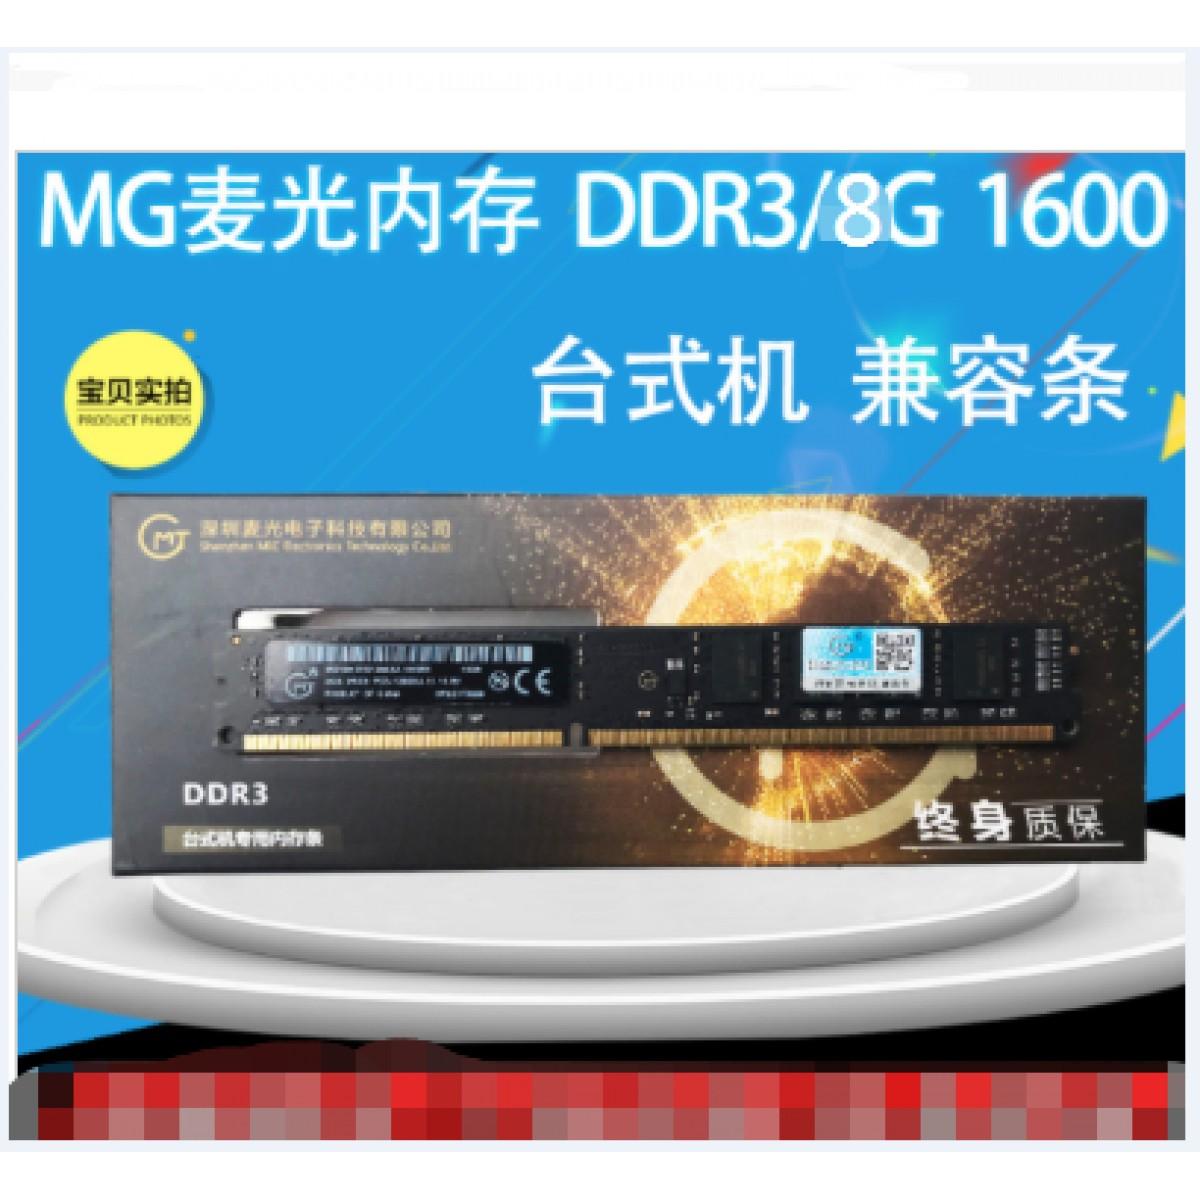 麦光-台式机DDR3  8G/1600内存条